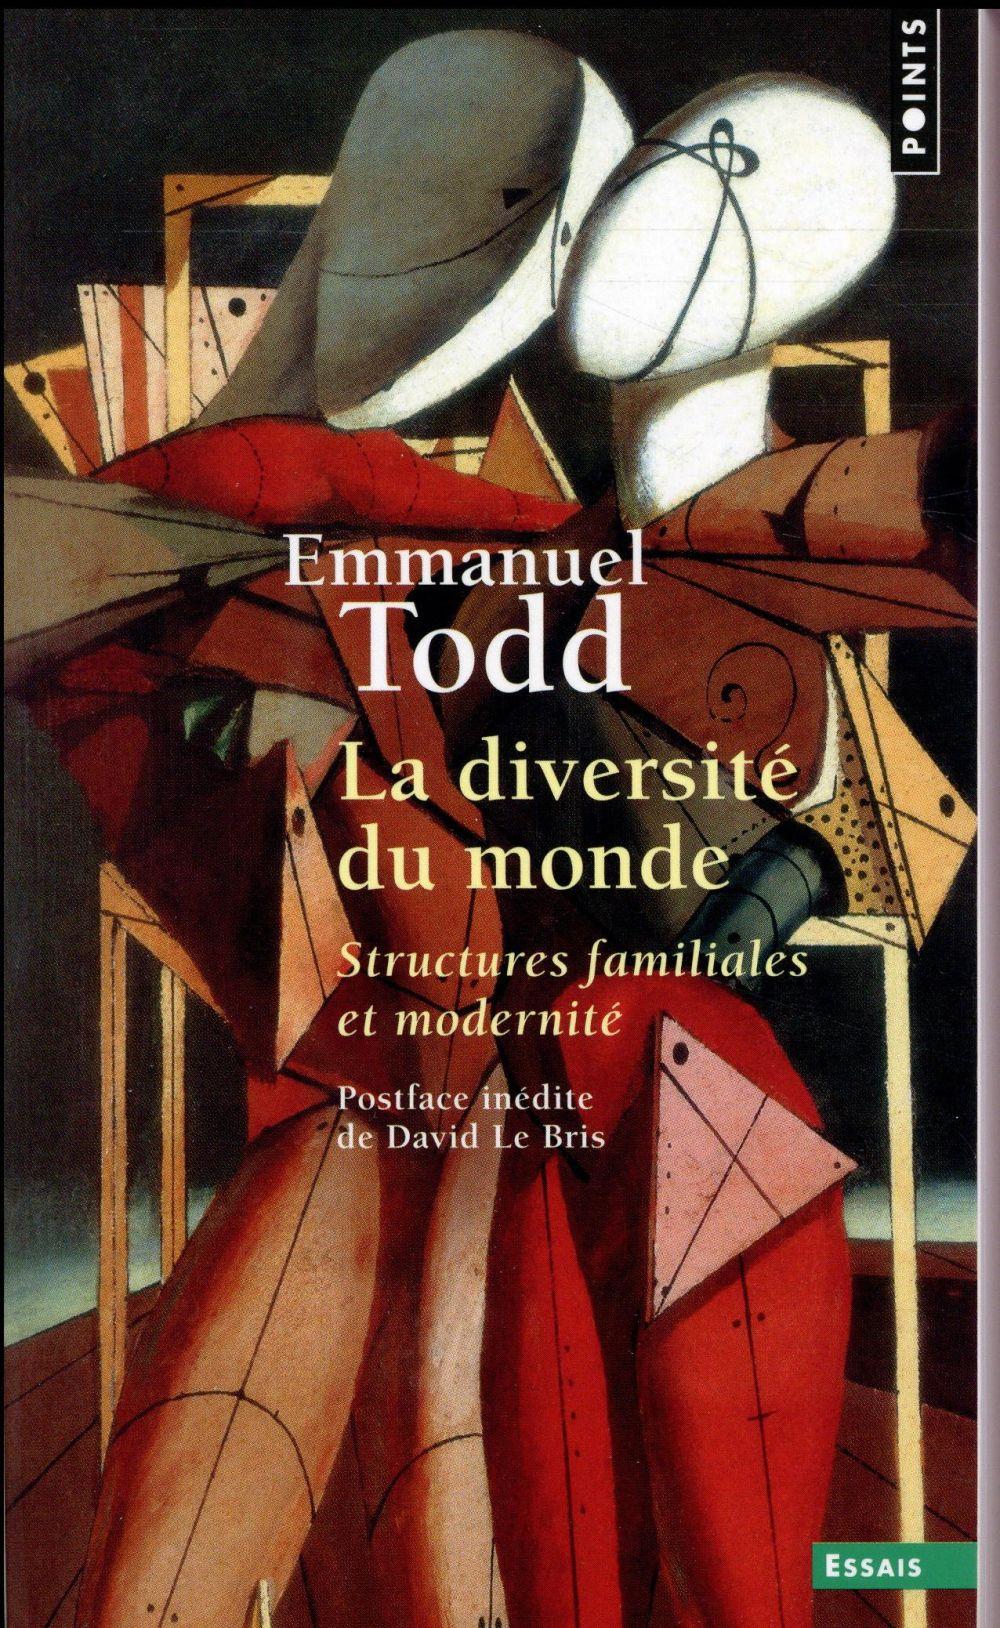 LA DIVERSITE DU MONDE - STRUCTURES FAMILIALES ET MODERNITE